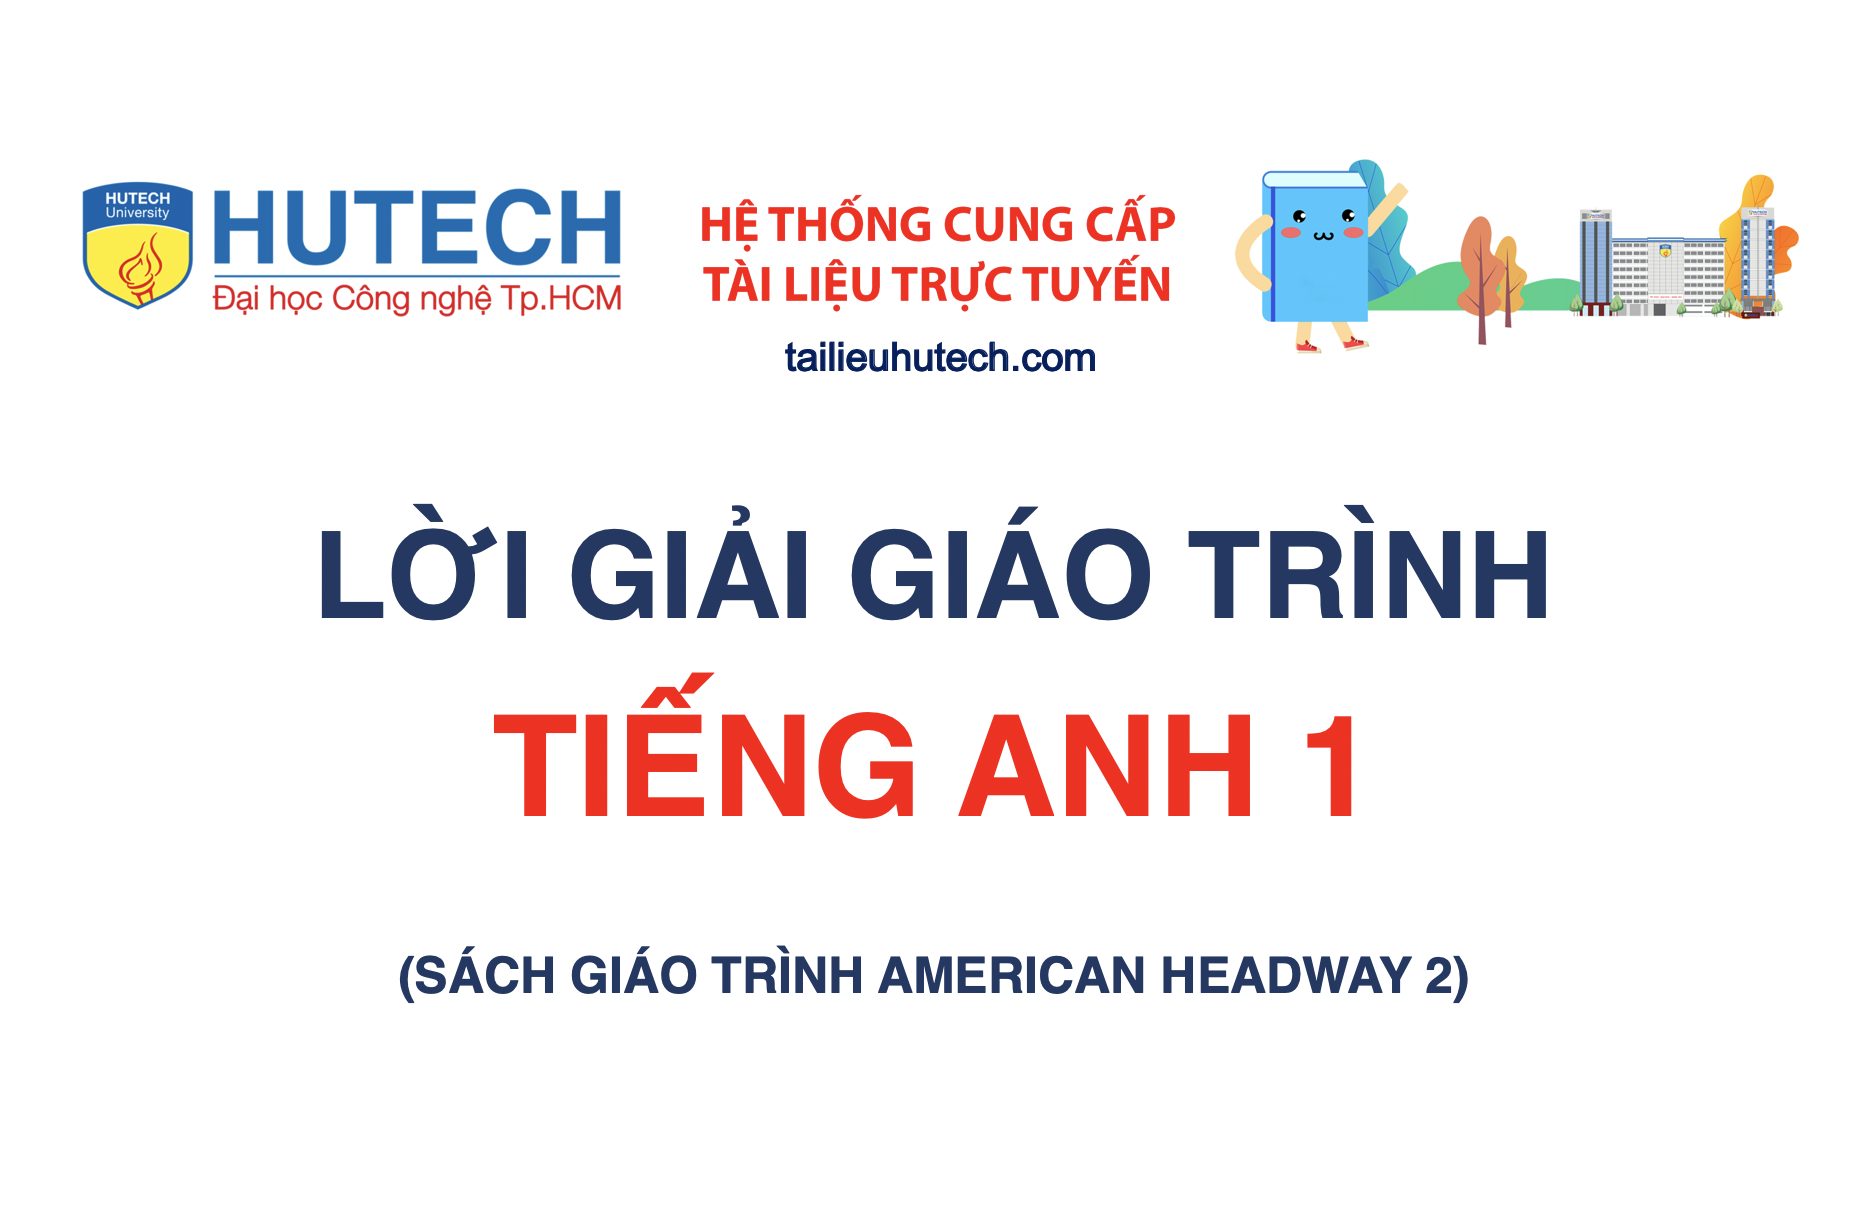 [Lời giải Giáo trình] Tiếng Anh 1 (American Headway)